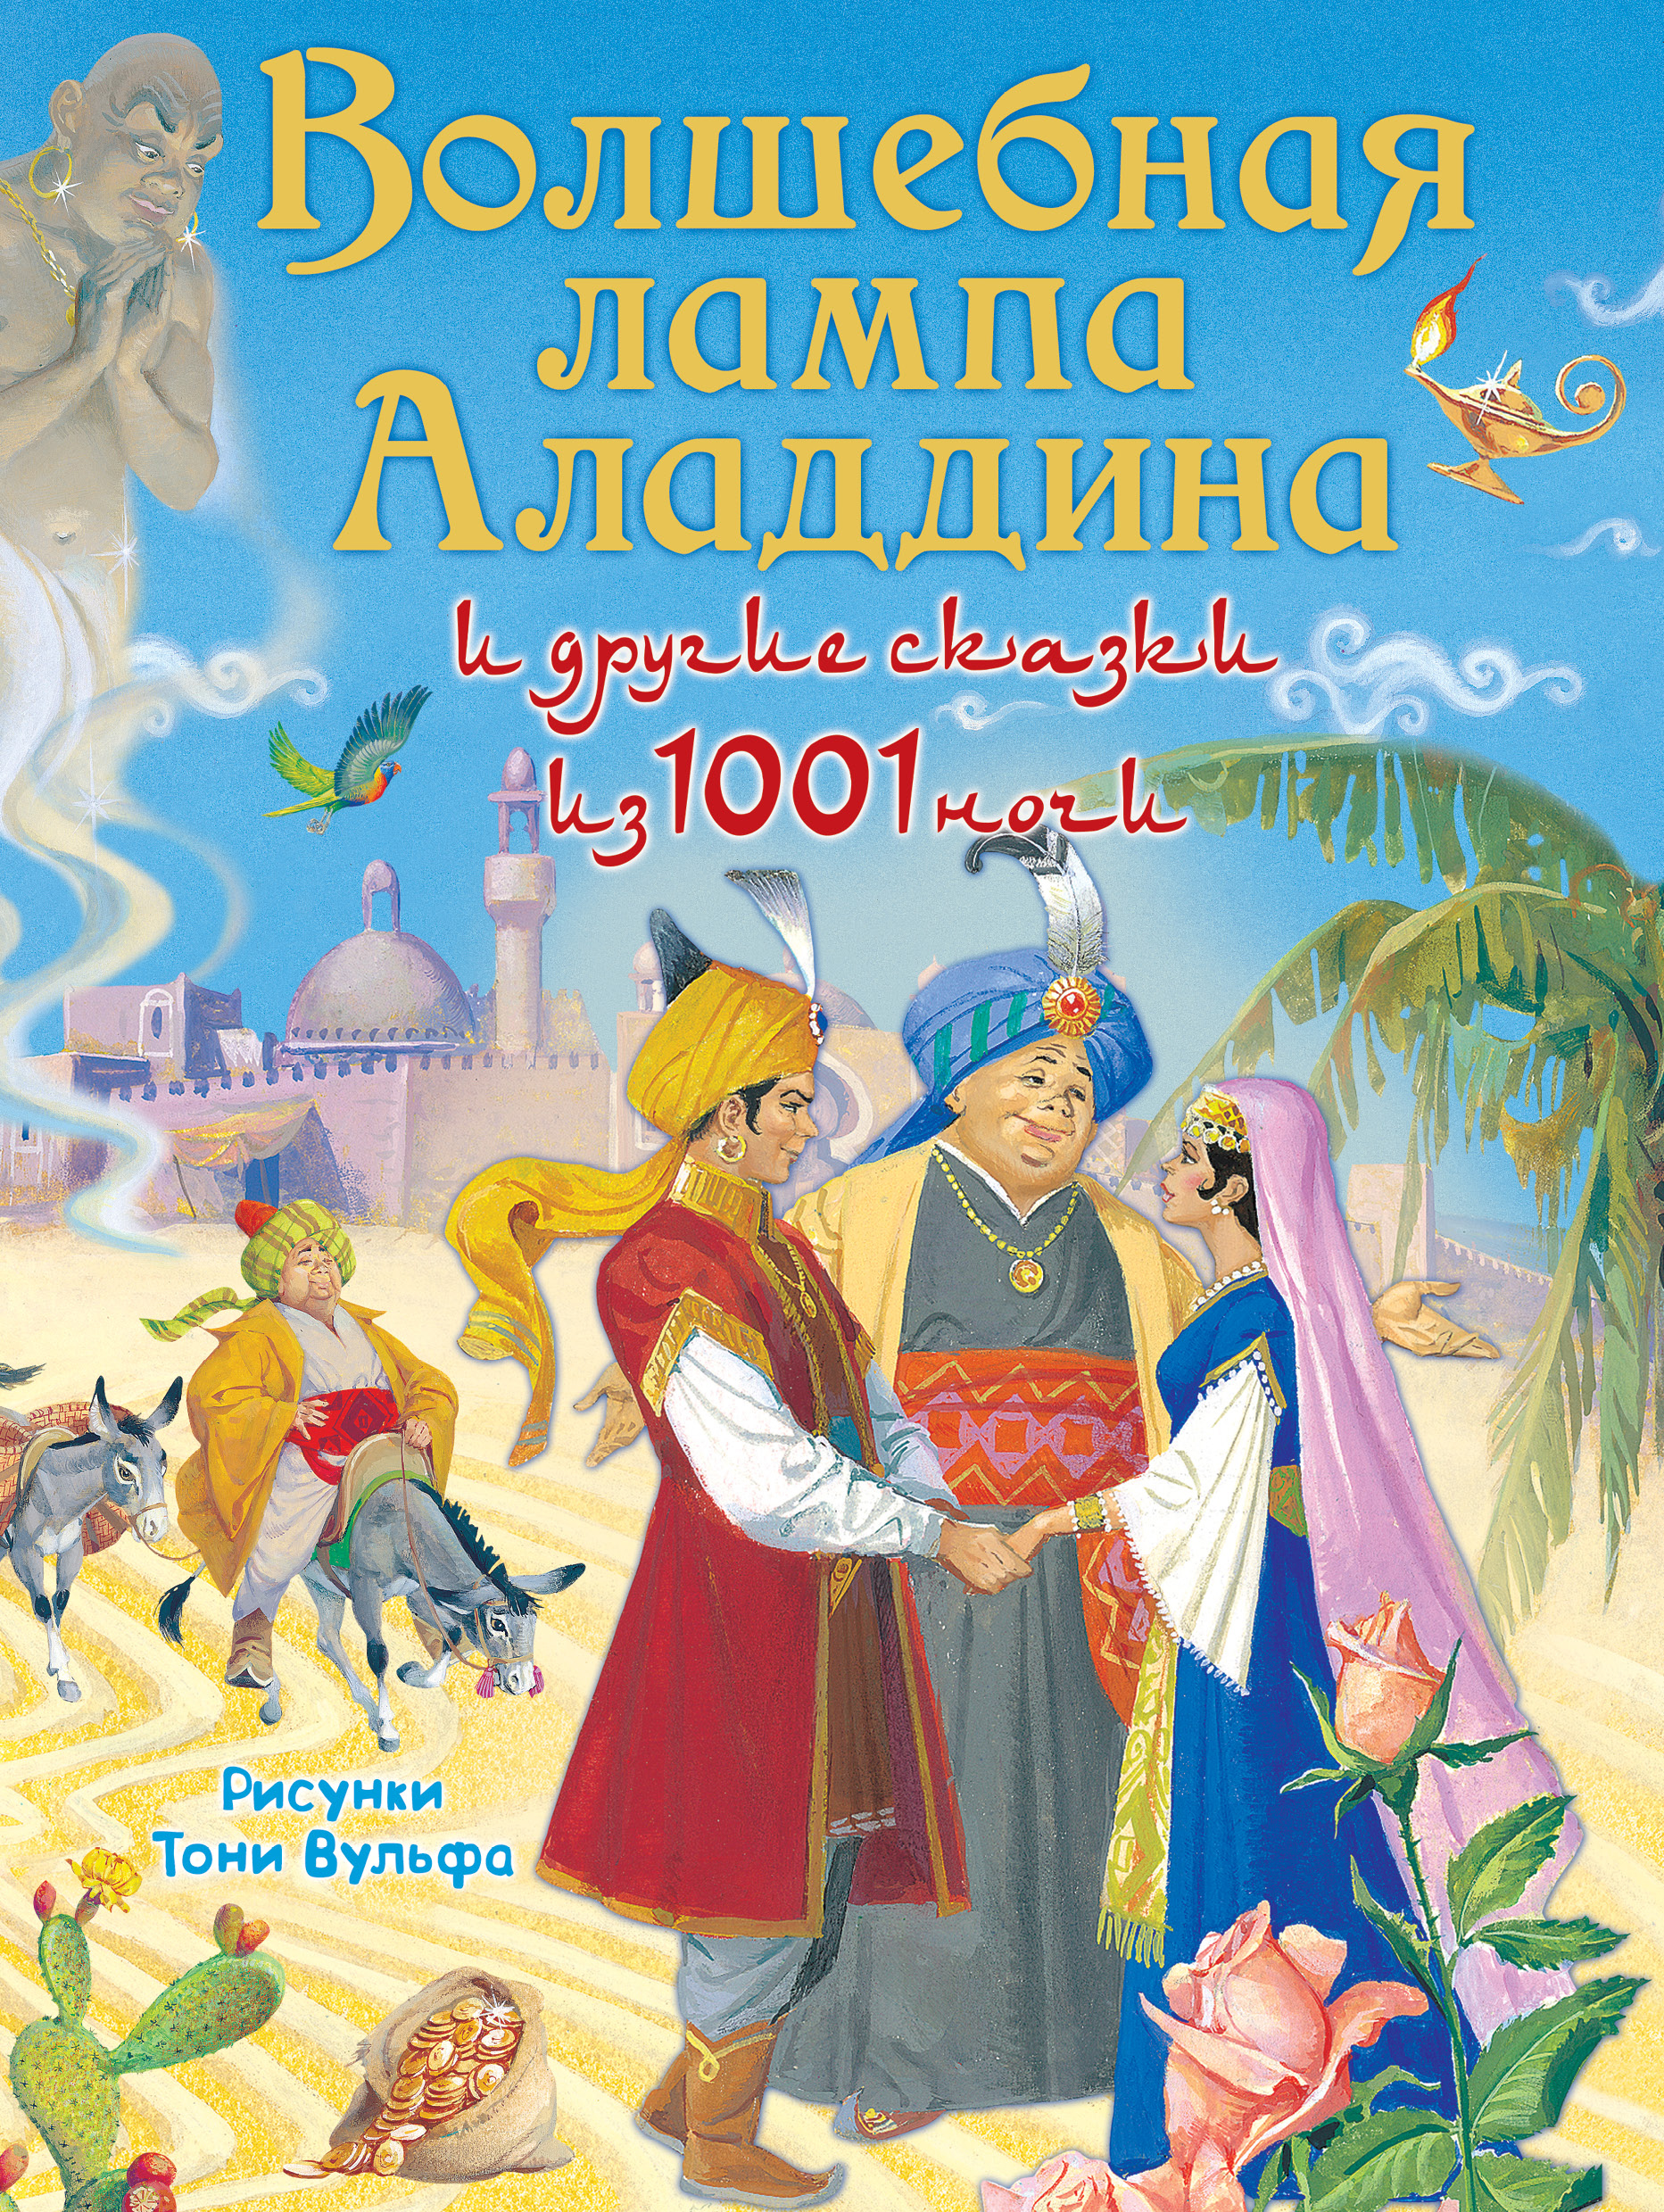 . Волшебная лампа Аладдина и другие сказки из 1001 ночи аладдин и волшебная лампа арабские сказки